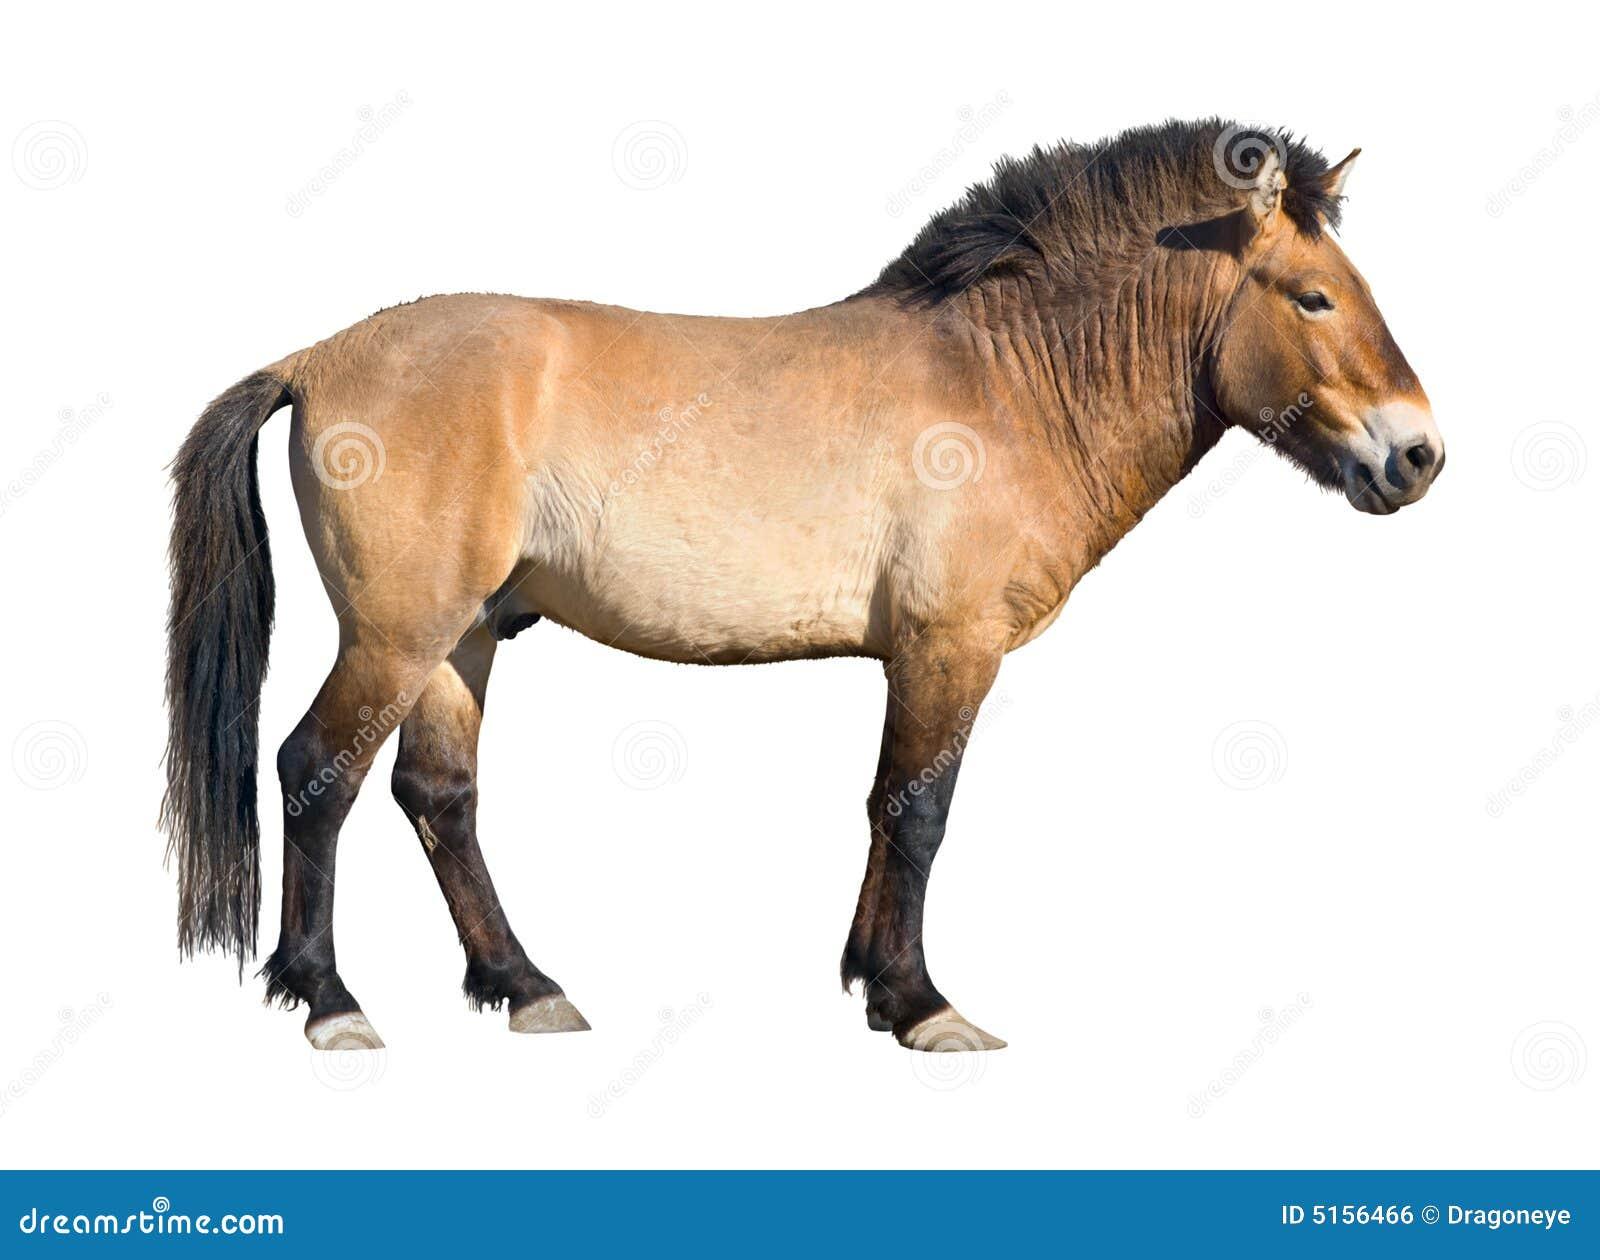 asian singles in caballo Il caballo peruano de paso è il prodotto di quattro secoli di adattamento dei  cavalli europei all'arido suolo costiero peruviano e della selezione degli  allevatori,.